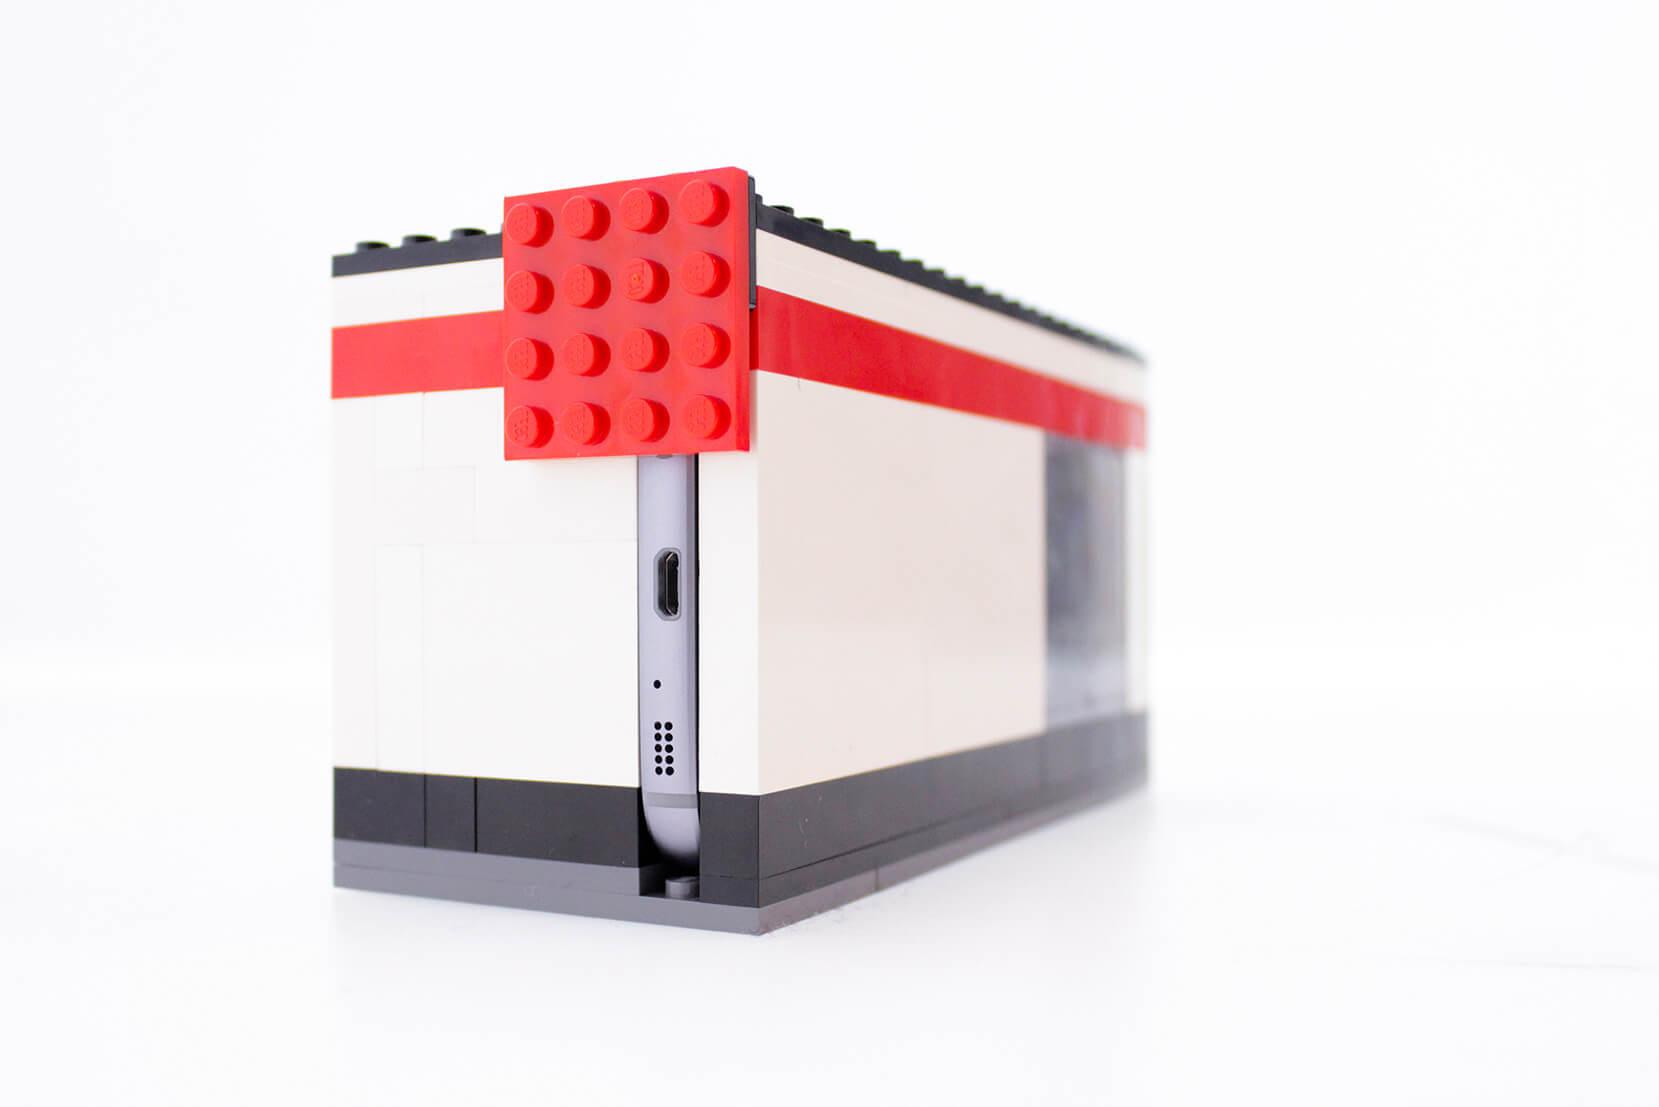 Lego_04.jpg